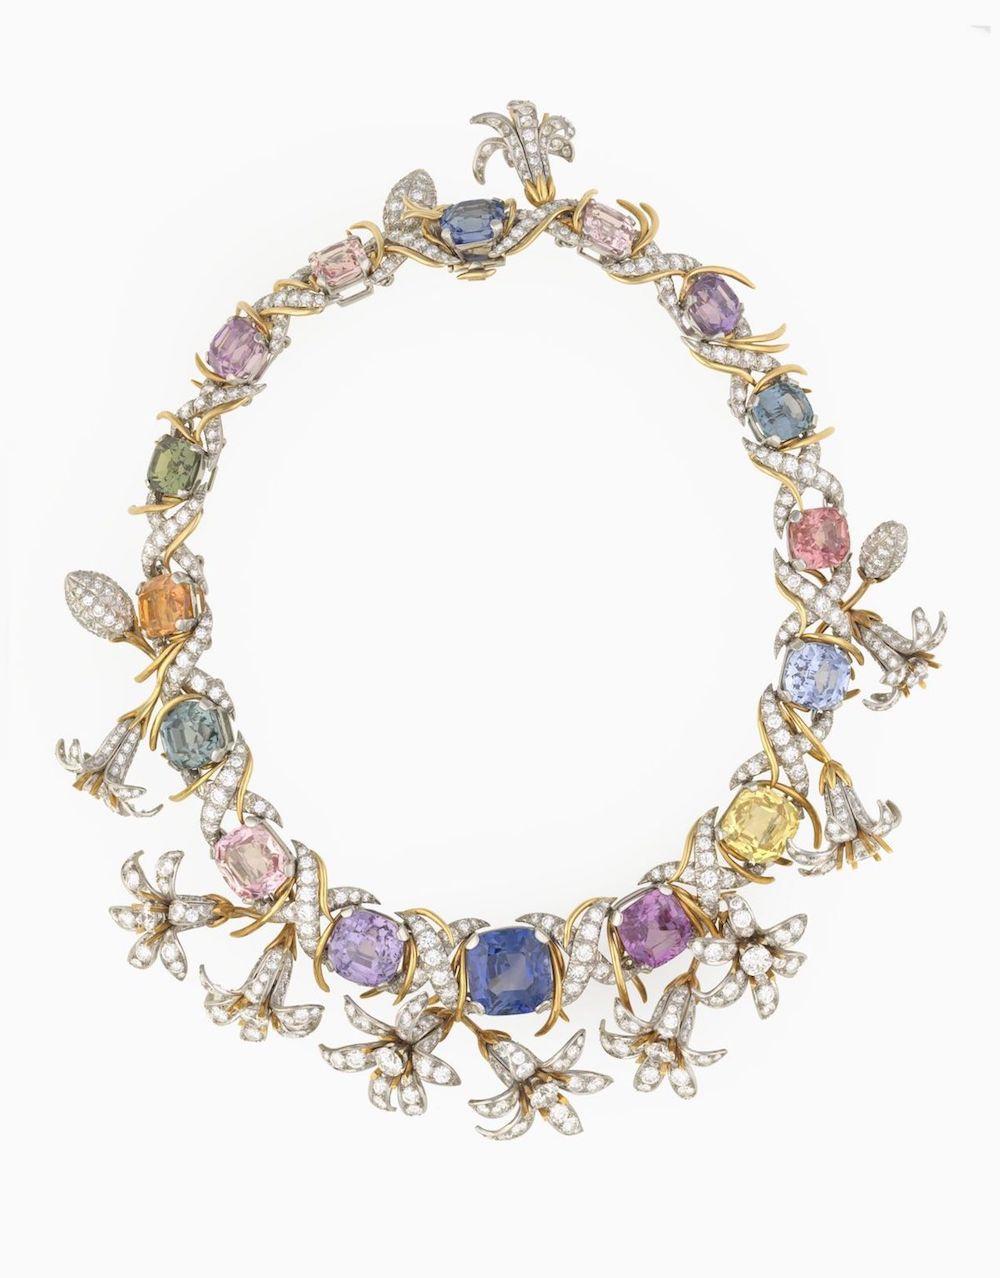 Jean Schlumberger for Tiffany & Co. (VMFA/Travis Fullerton)